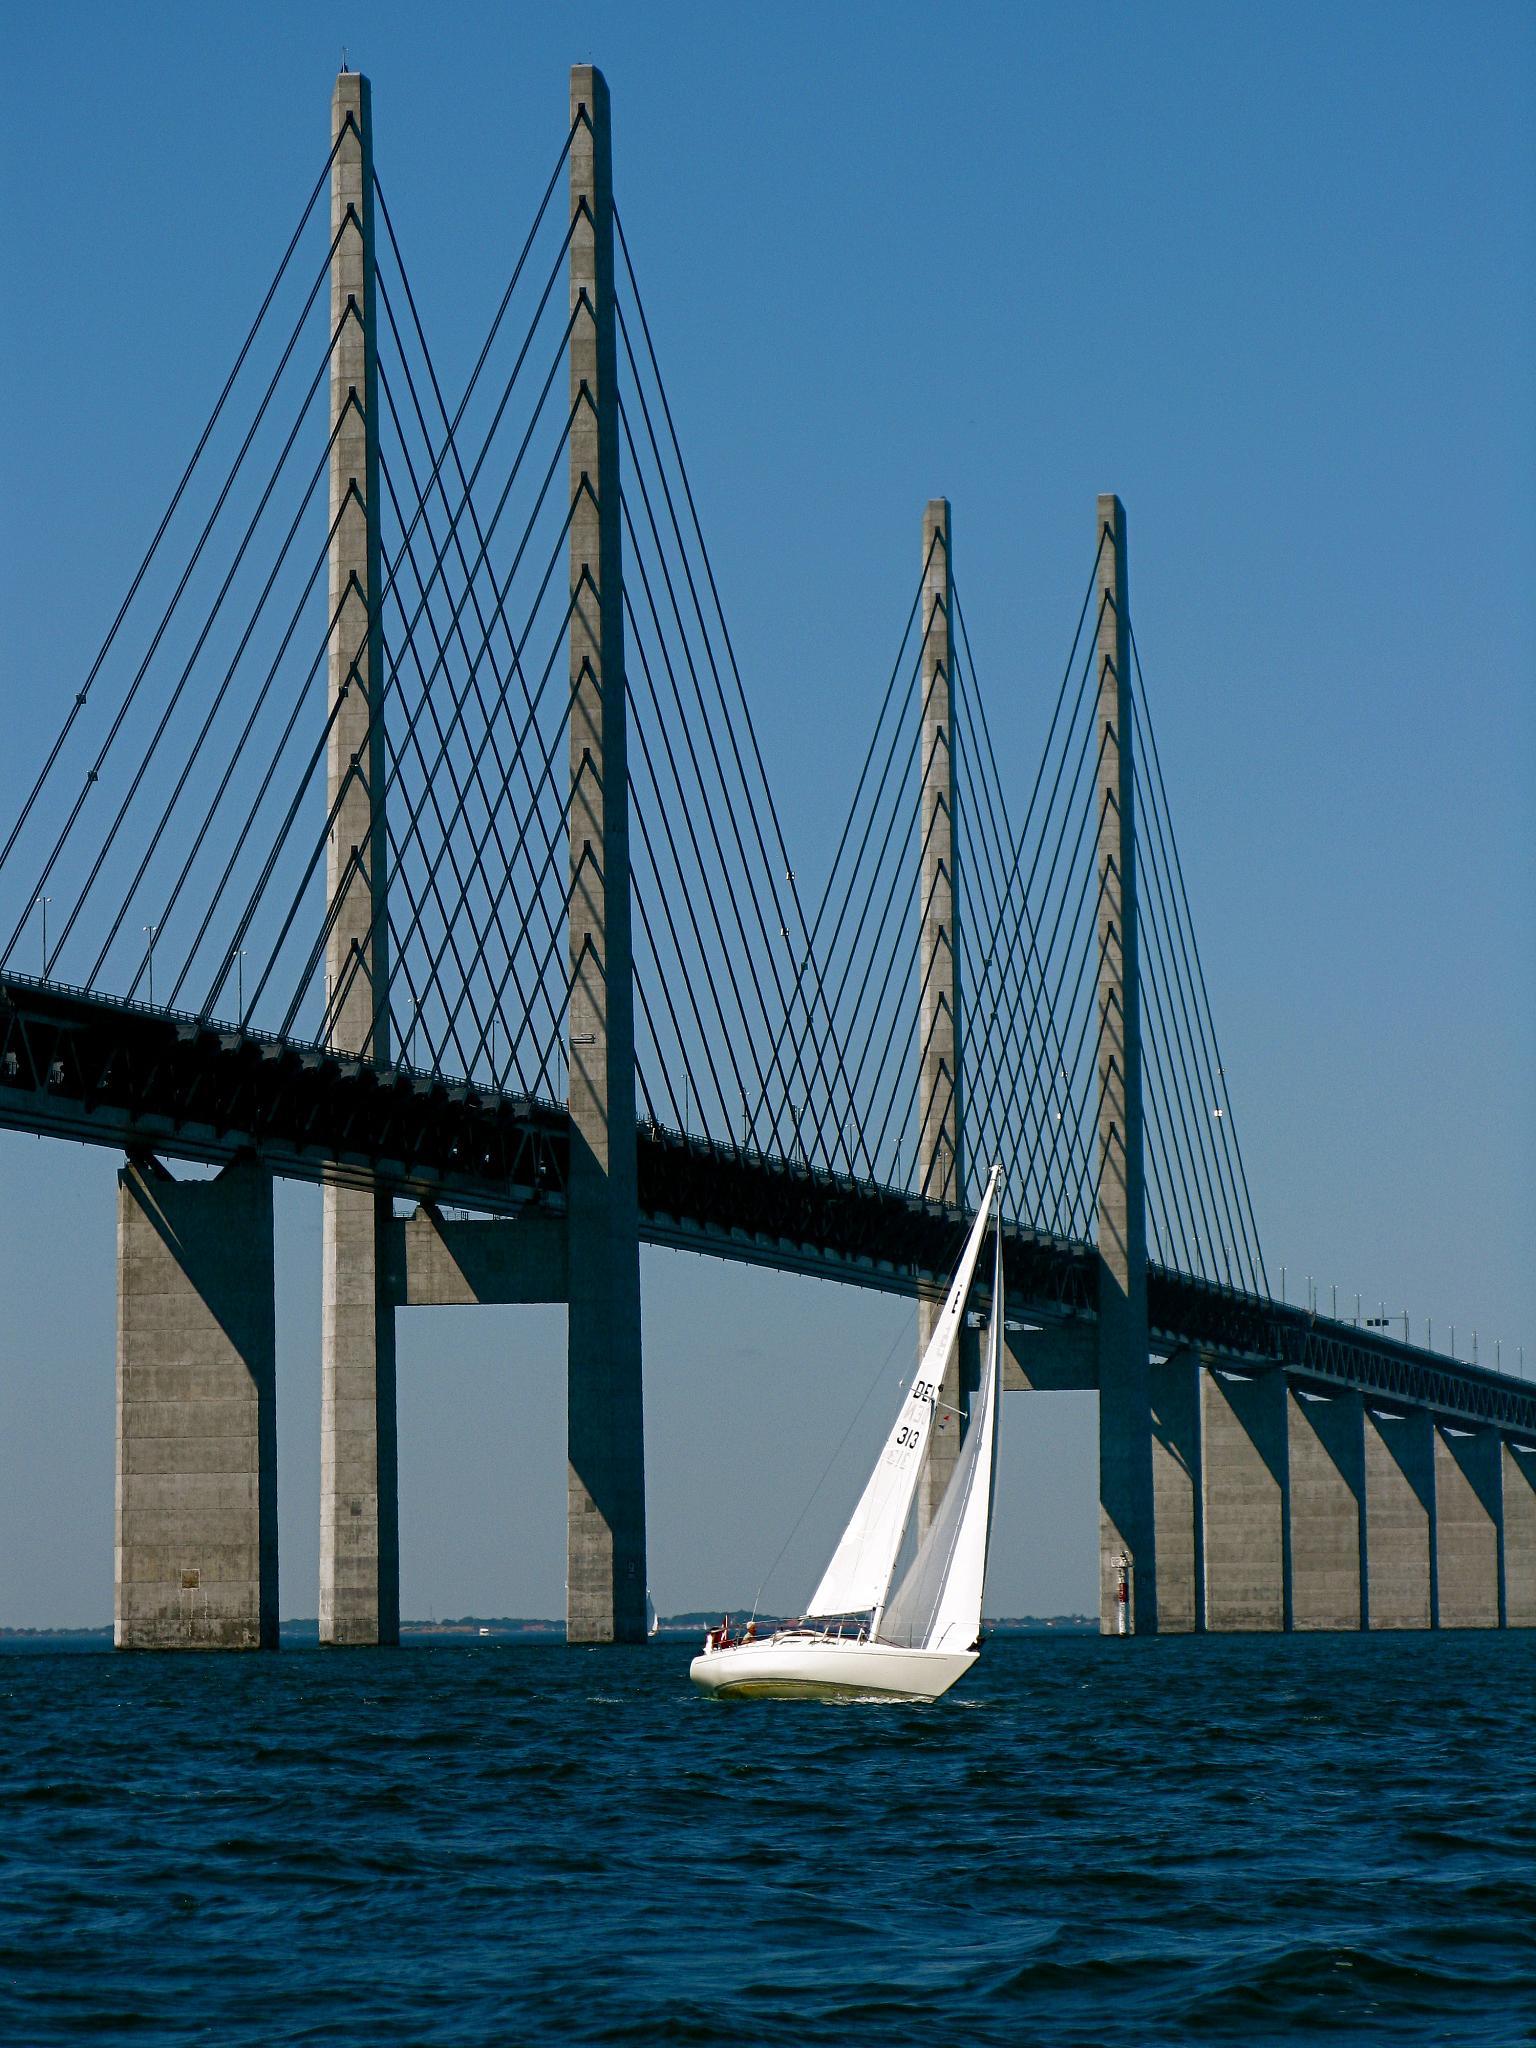 Высота главного пролета Эресуннского моста составляет 57 метров, а пилоны возносятся на 204 метра. Источник https://upload.wikimedia.org/